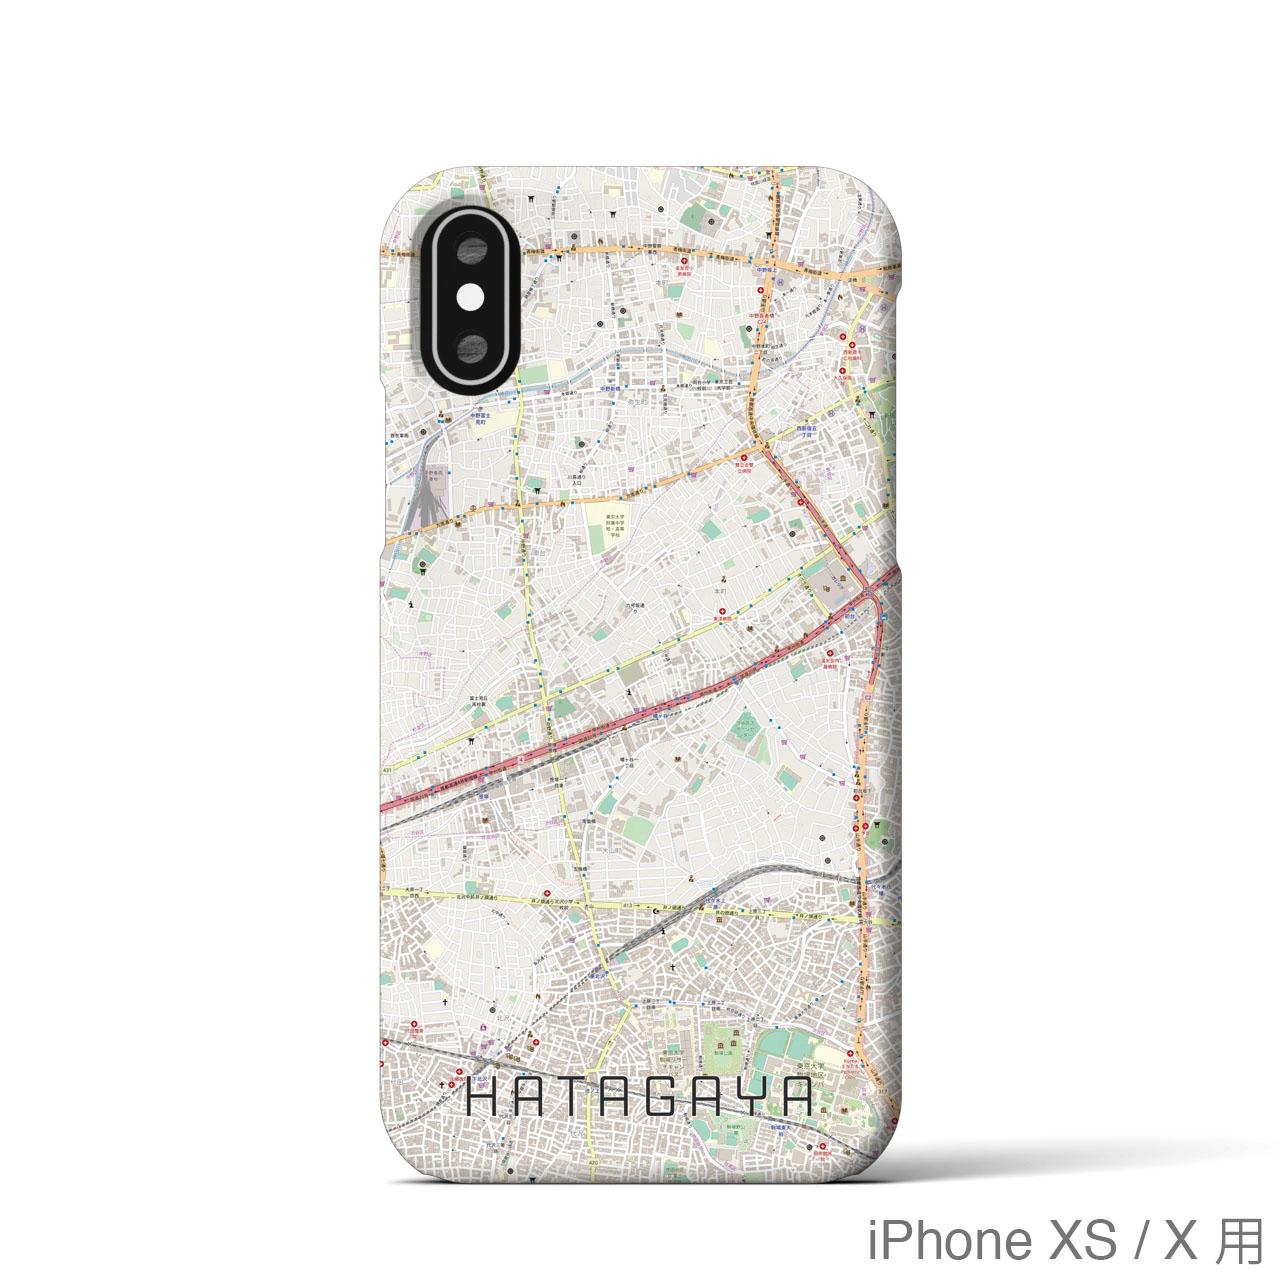 【幡ヶ谷】地図柄iPhoneケース(バックカバータイプ・ナチュラル)